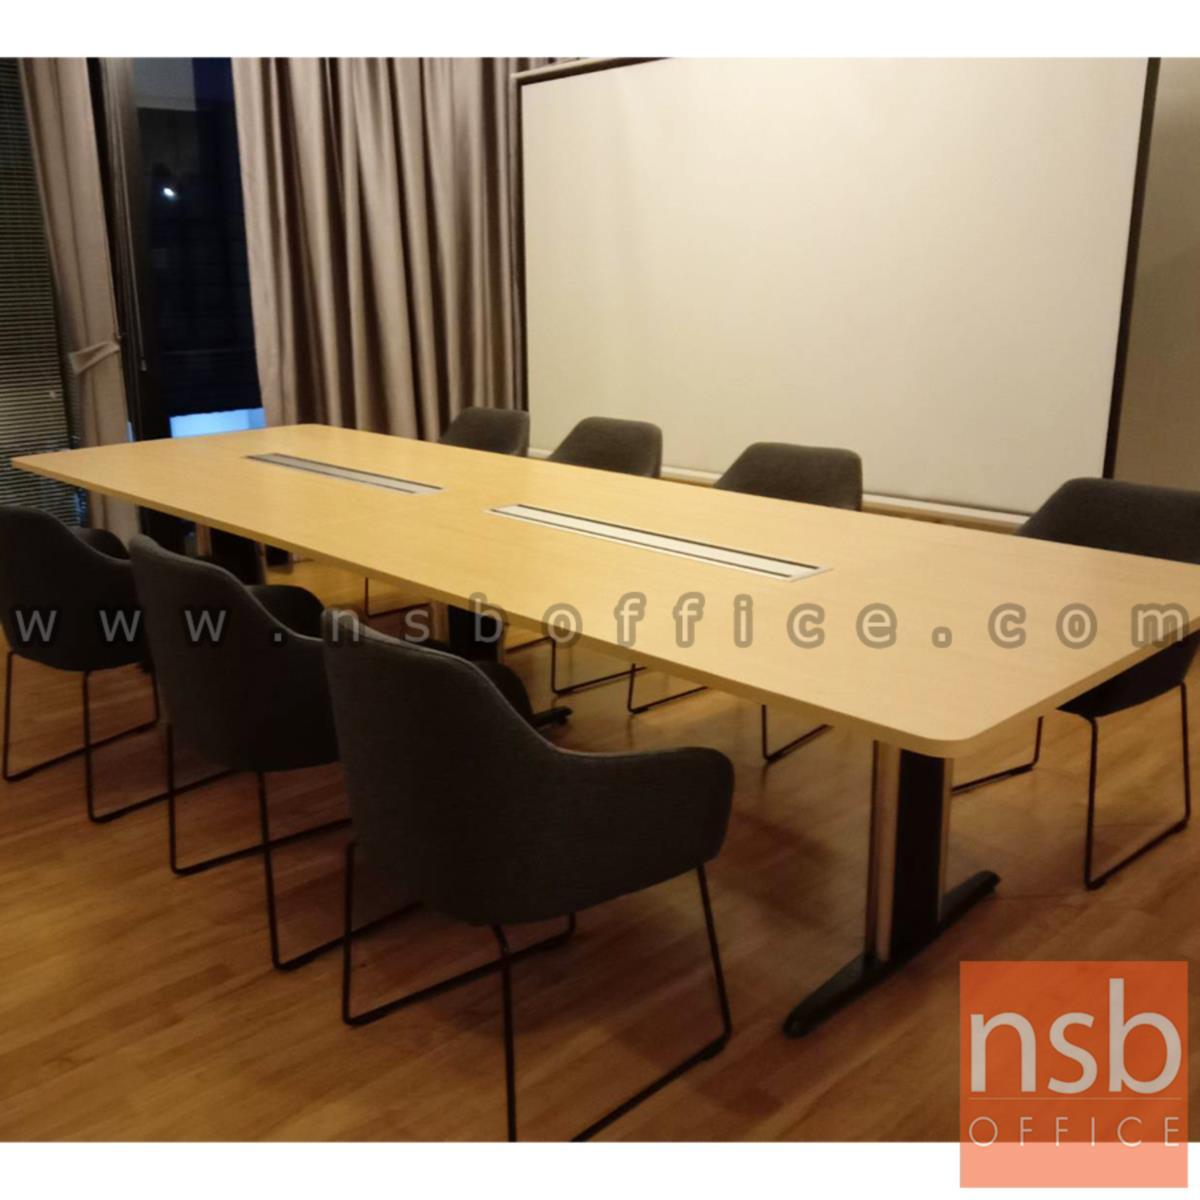 โต๊ะประชุมสี่เหลี่ยมมุมมน  ขนาด 360W ,420W ,480W cm.  พร้อมช่องรางไฟยาวพิเศษ ขาเหล็กตัวไอ